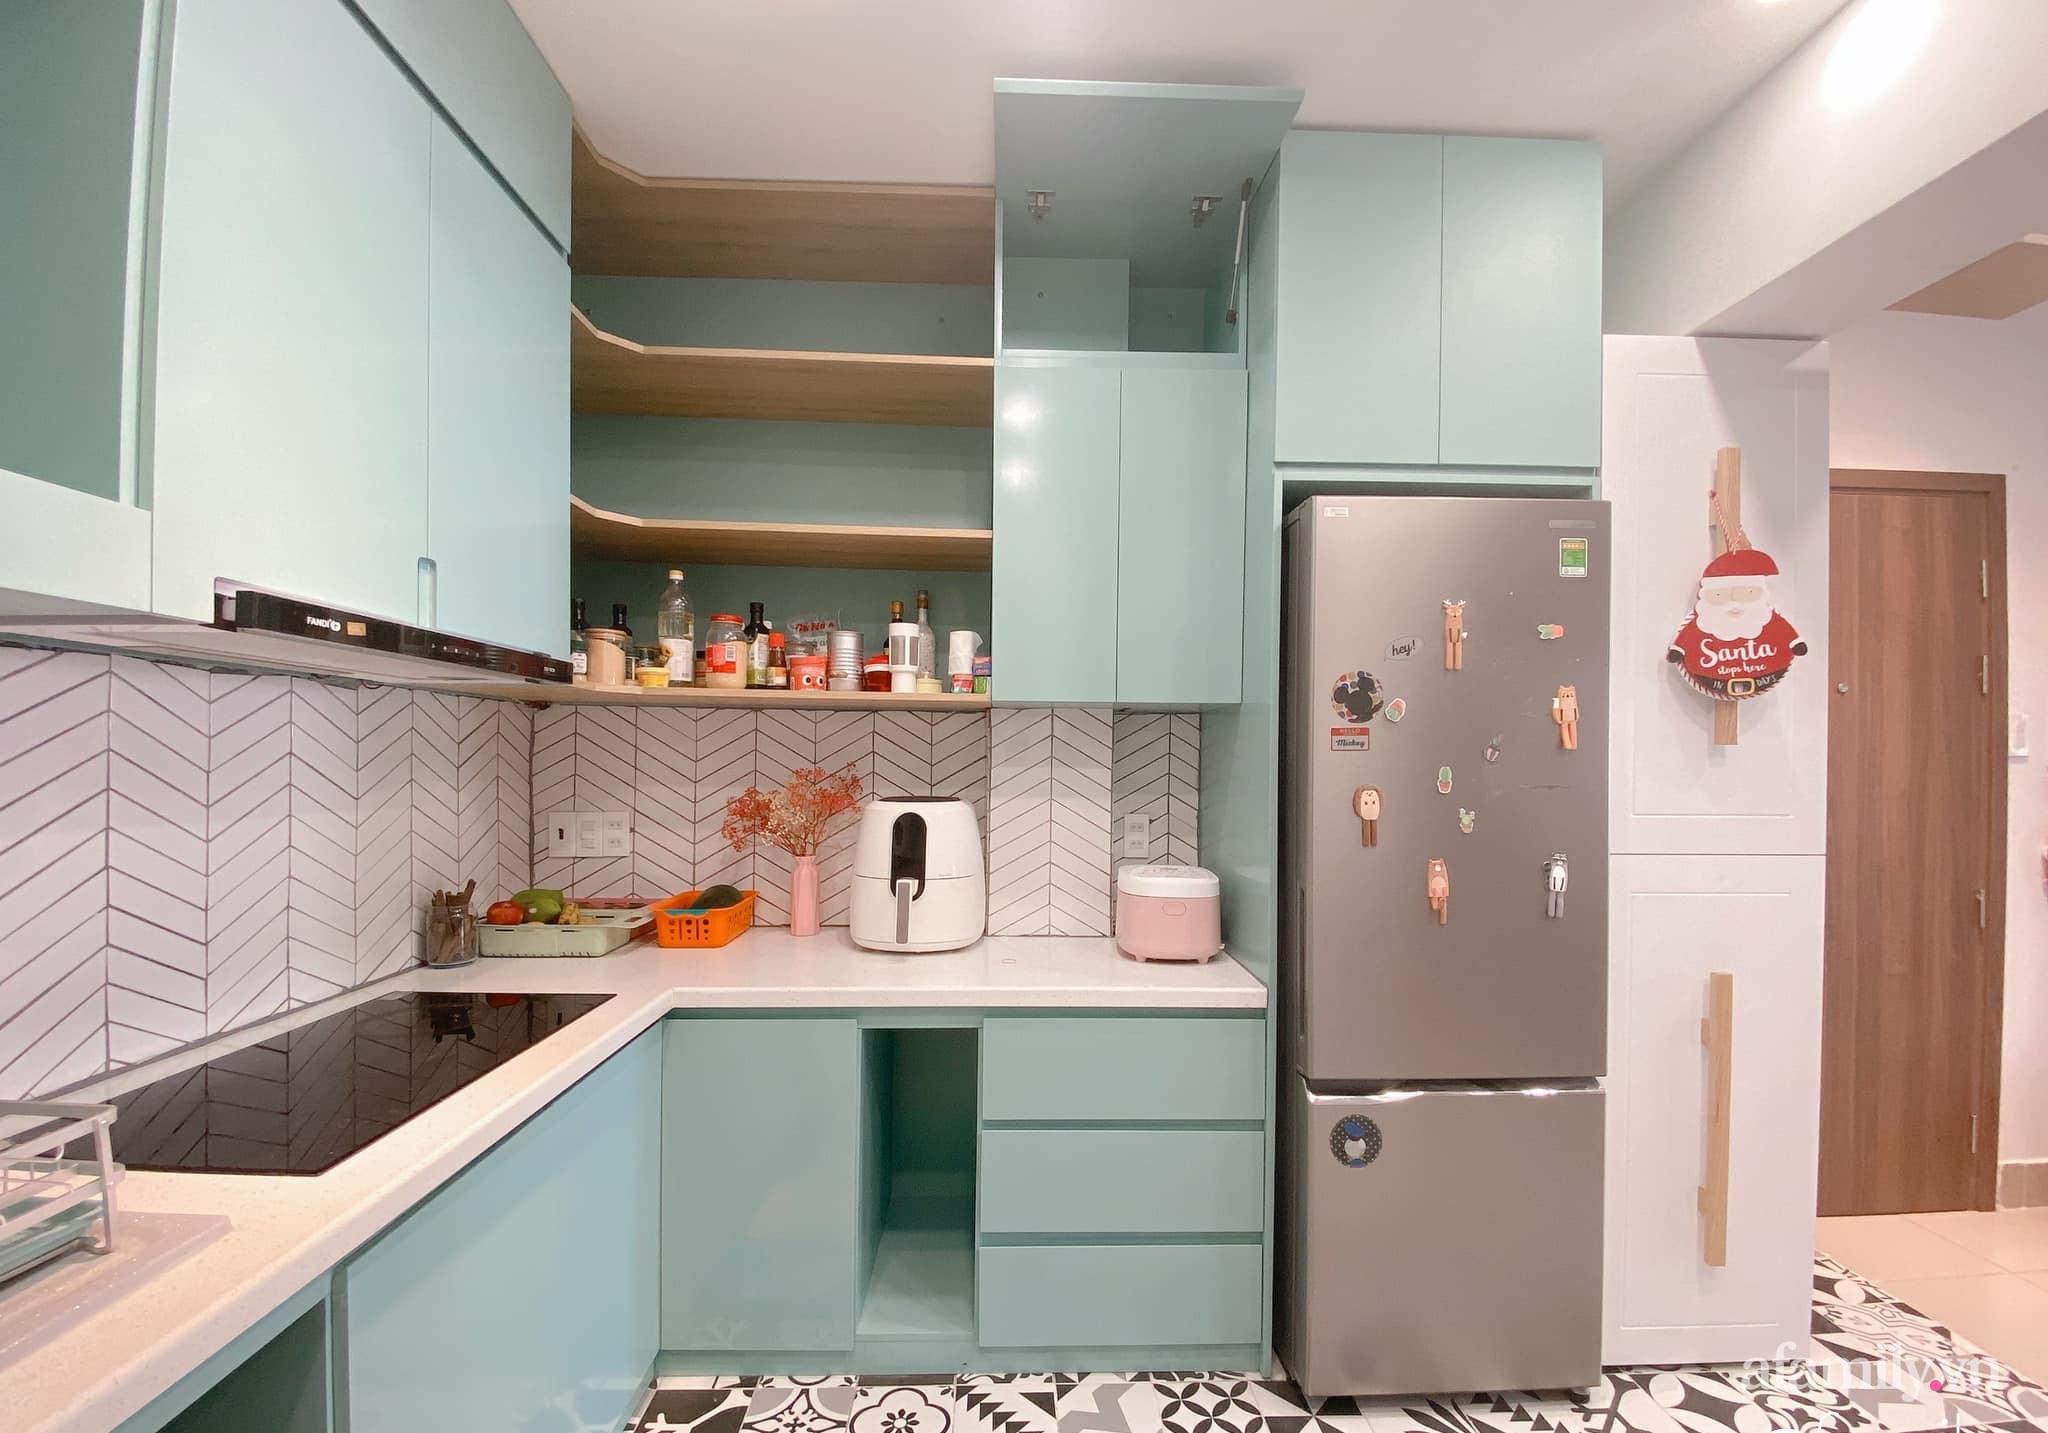 """Căn bếp chật chội được vợ """"thuyết phục"""" chồng đập đi cải tạo lại thành không gian tiện nghi với chi phí hơn 90 triệu đồng ở Hà Nội - Ảnh 8."""